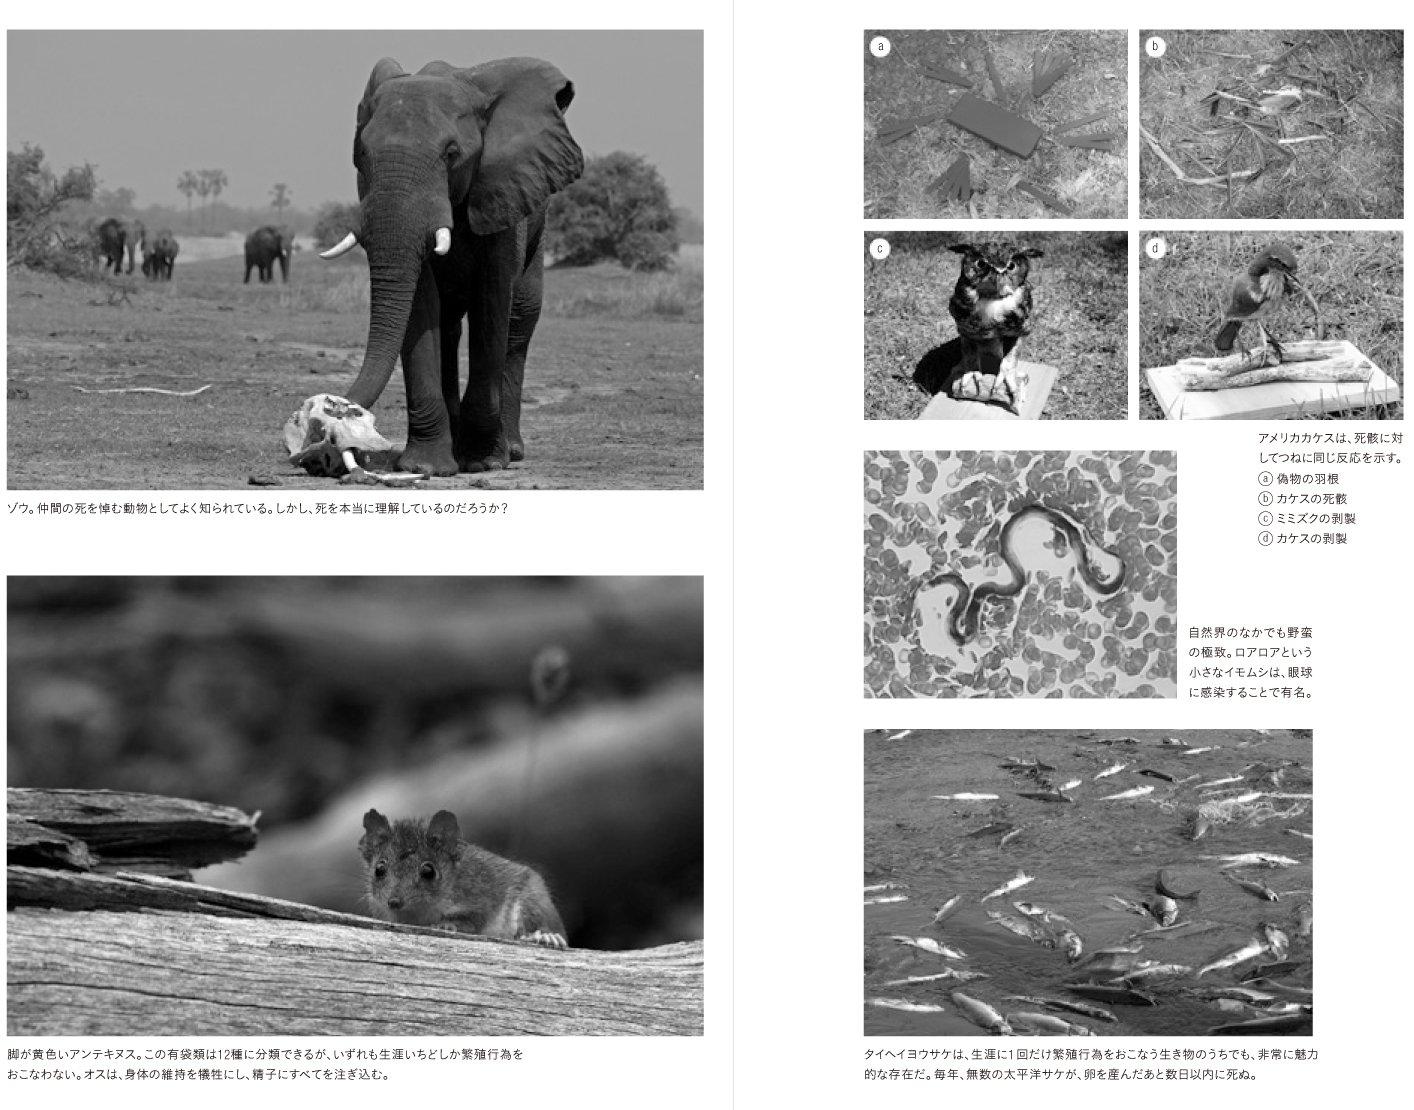 アンテキヌス 動物学者が死ぬほど向き合った「死」の話 ──生き物たちの終末と進化の科学 | ジュールズ・ハワード, 中山 宥 |本 | 通販 | Amazon